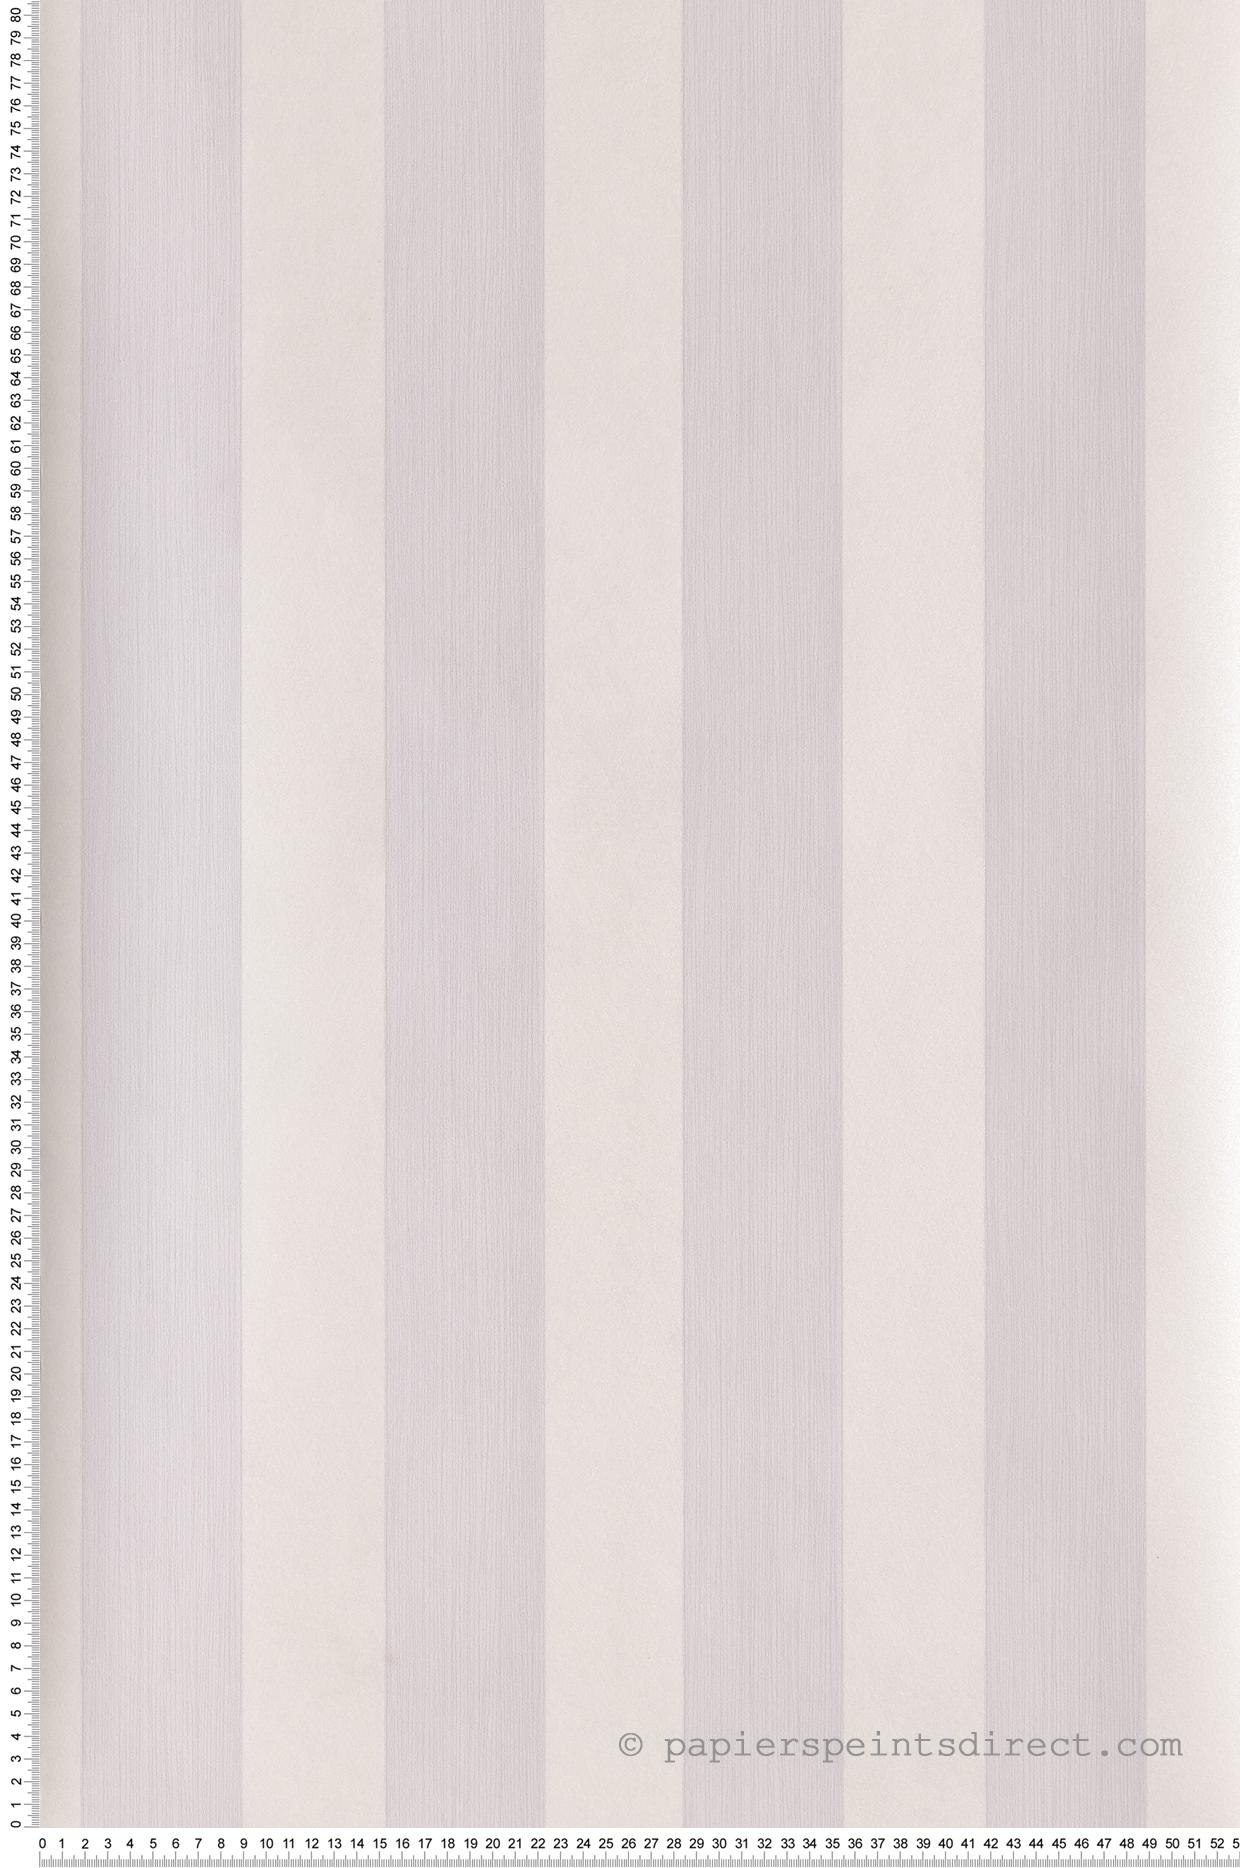 Papier Peint A Rayure Gris Et Blanc papier peint rayures gris grège-blanc - hamptons de montécolino